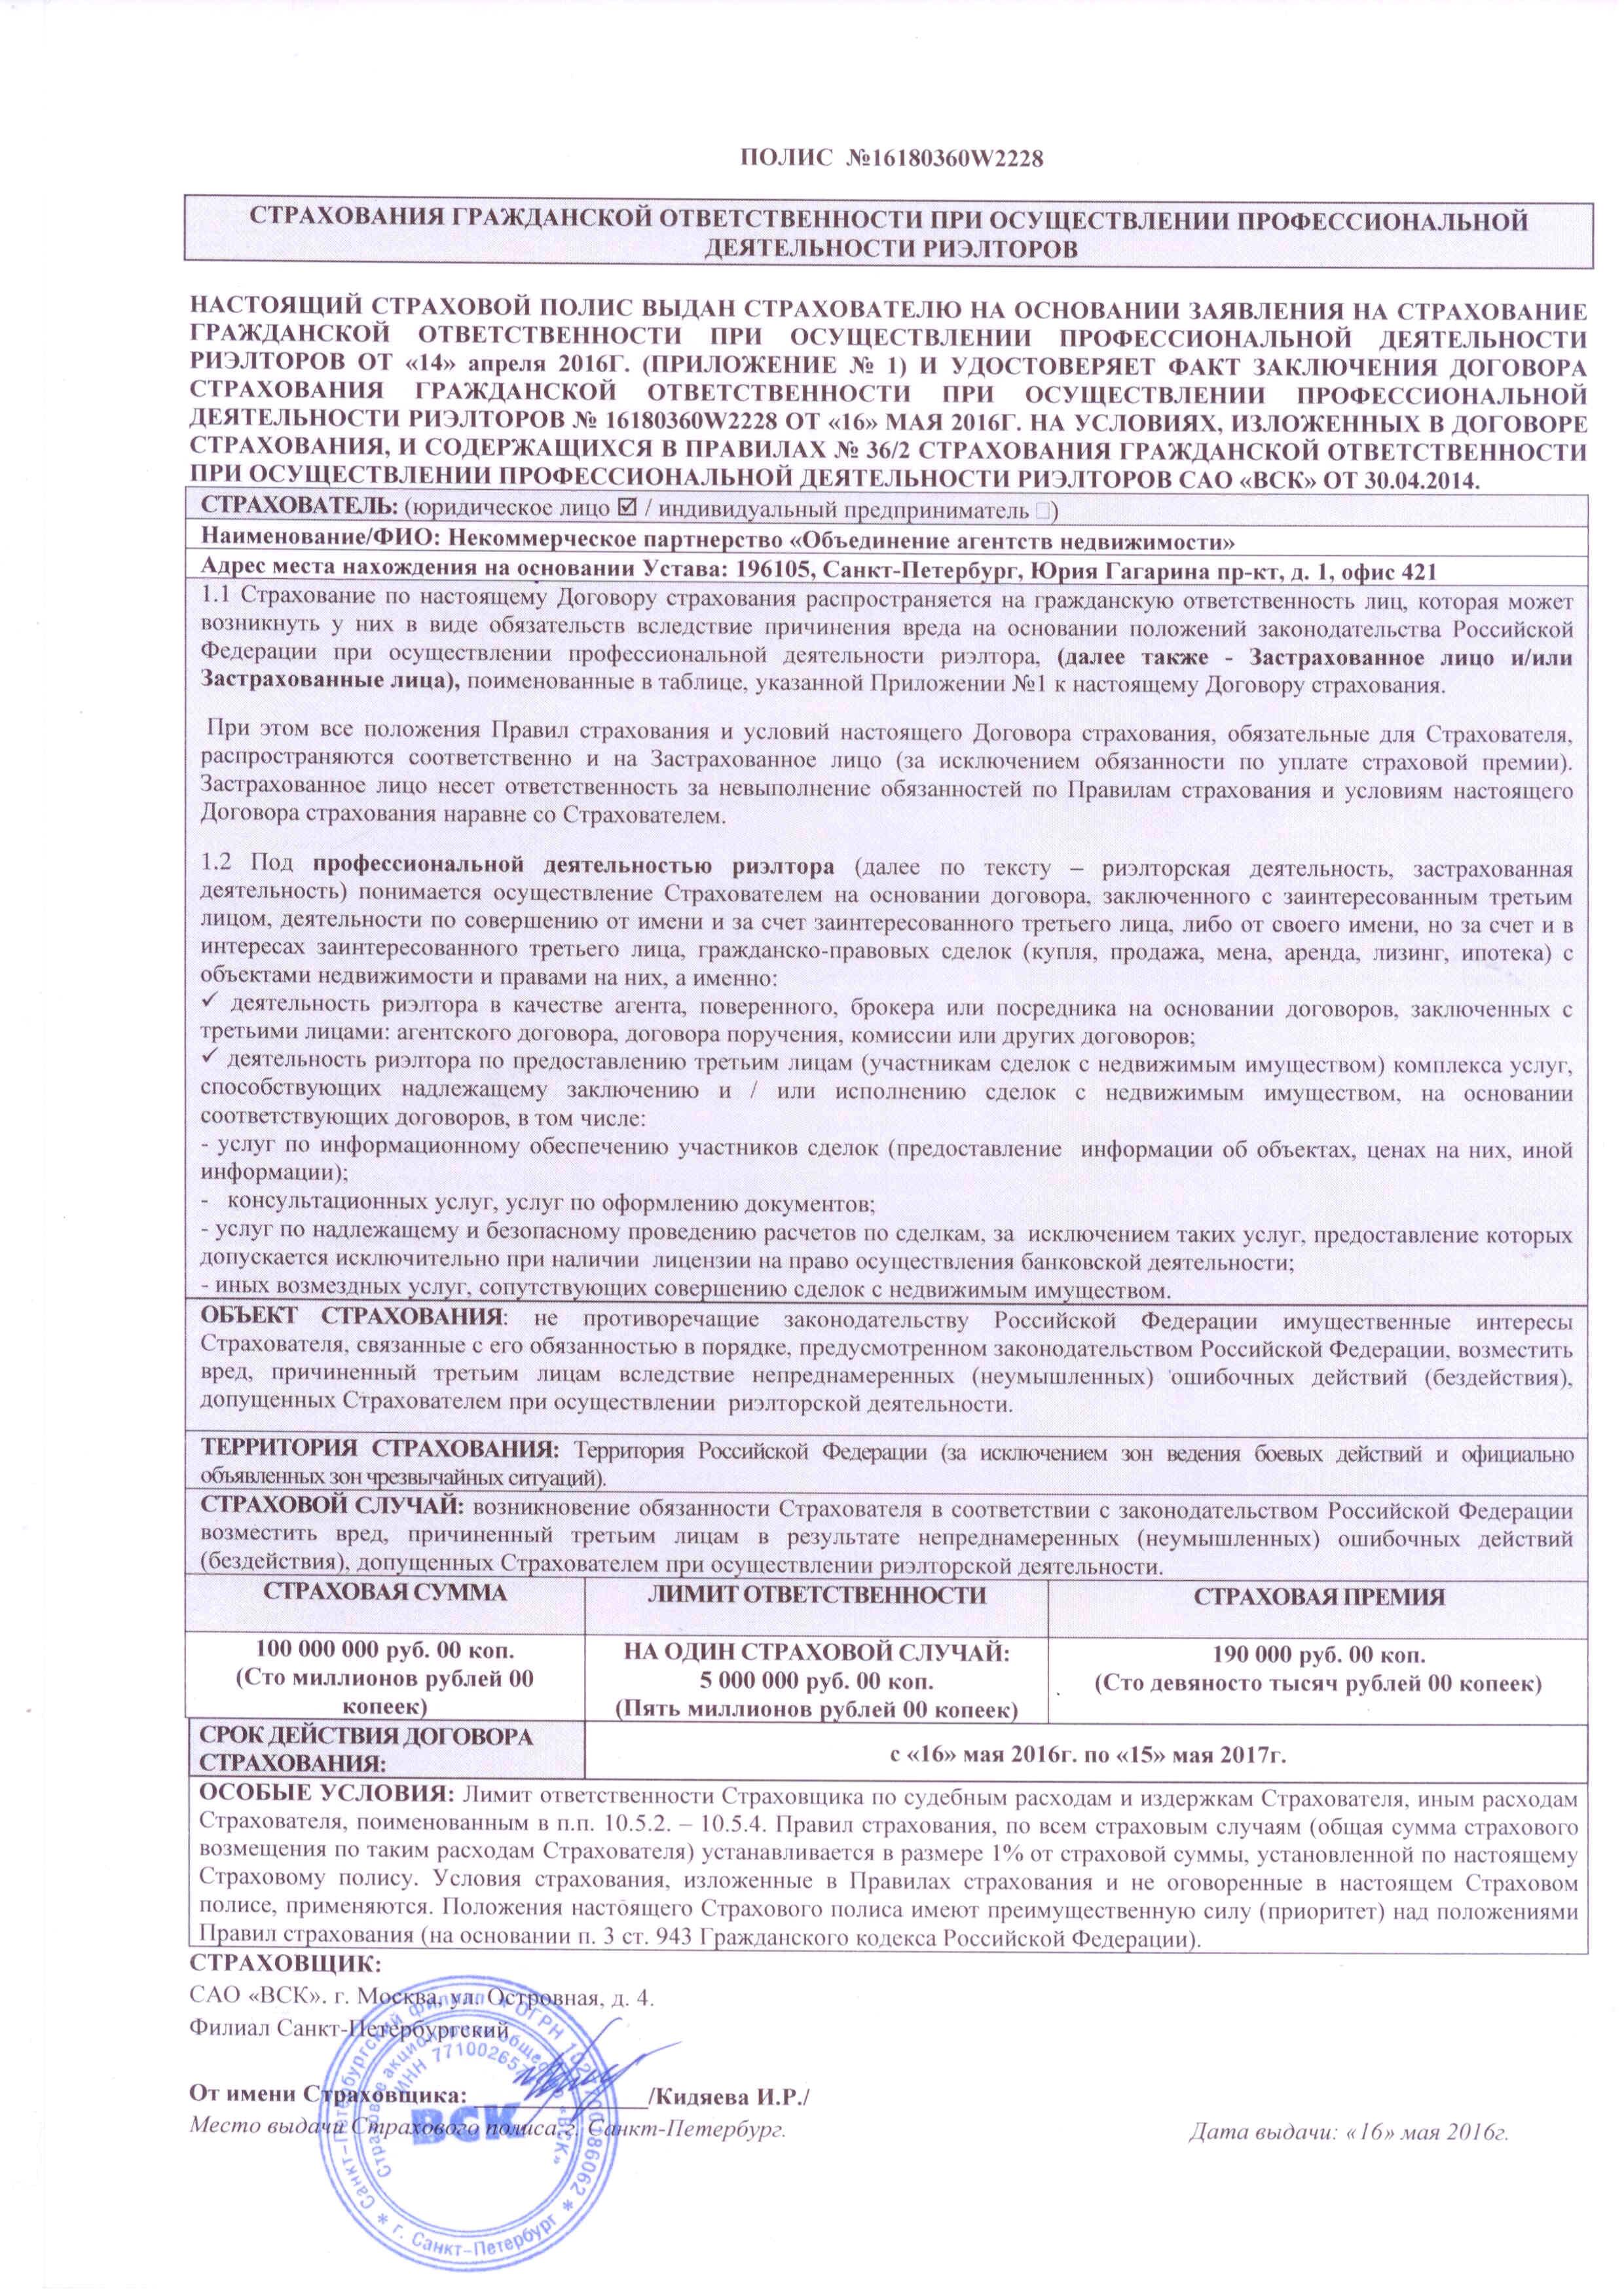 инструкция по заполнению декларации утилизационного сбора